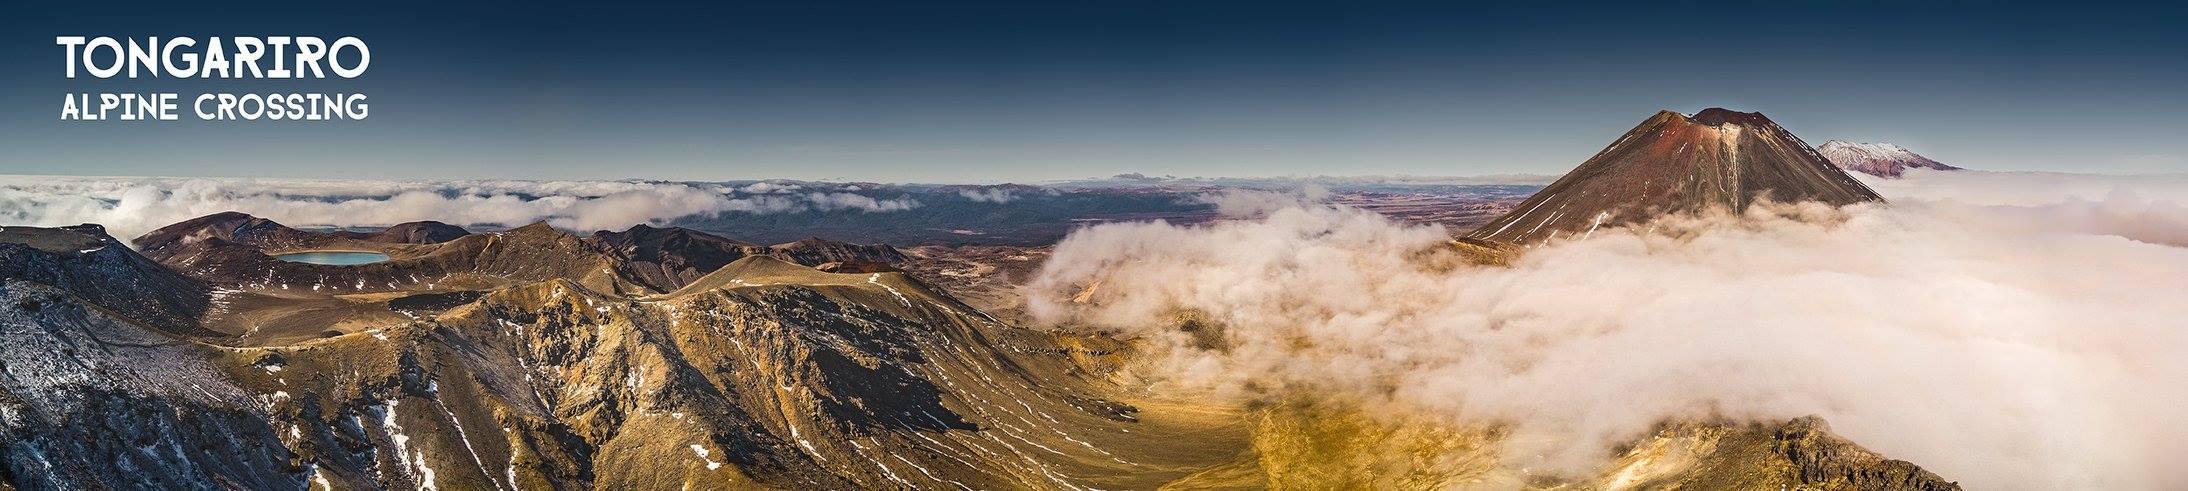 Tongariro_Alpine_Crossing